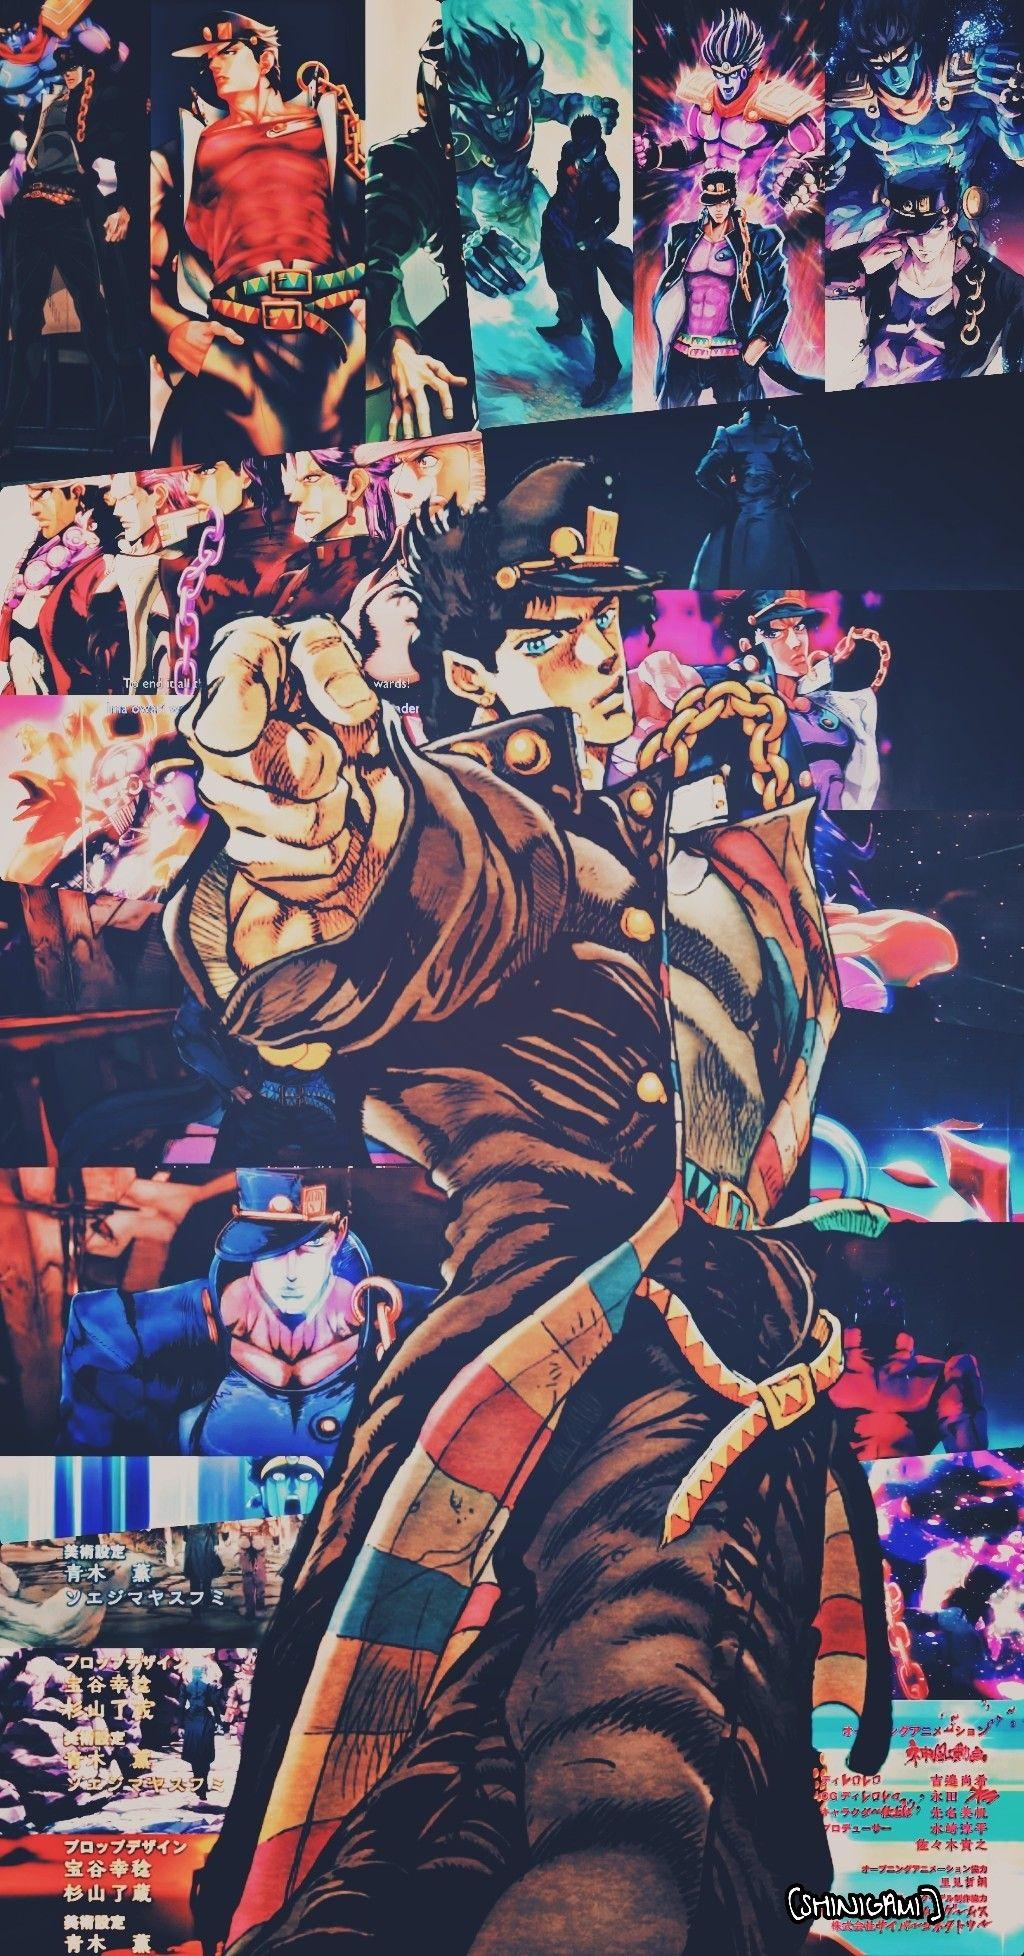 Jojo S Biz Adventure Jotaro Fondo De Pantalla Jojo S Bizarre Adventure Anime Jojos Bizarre Adventure Jotaro Jojo Anime